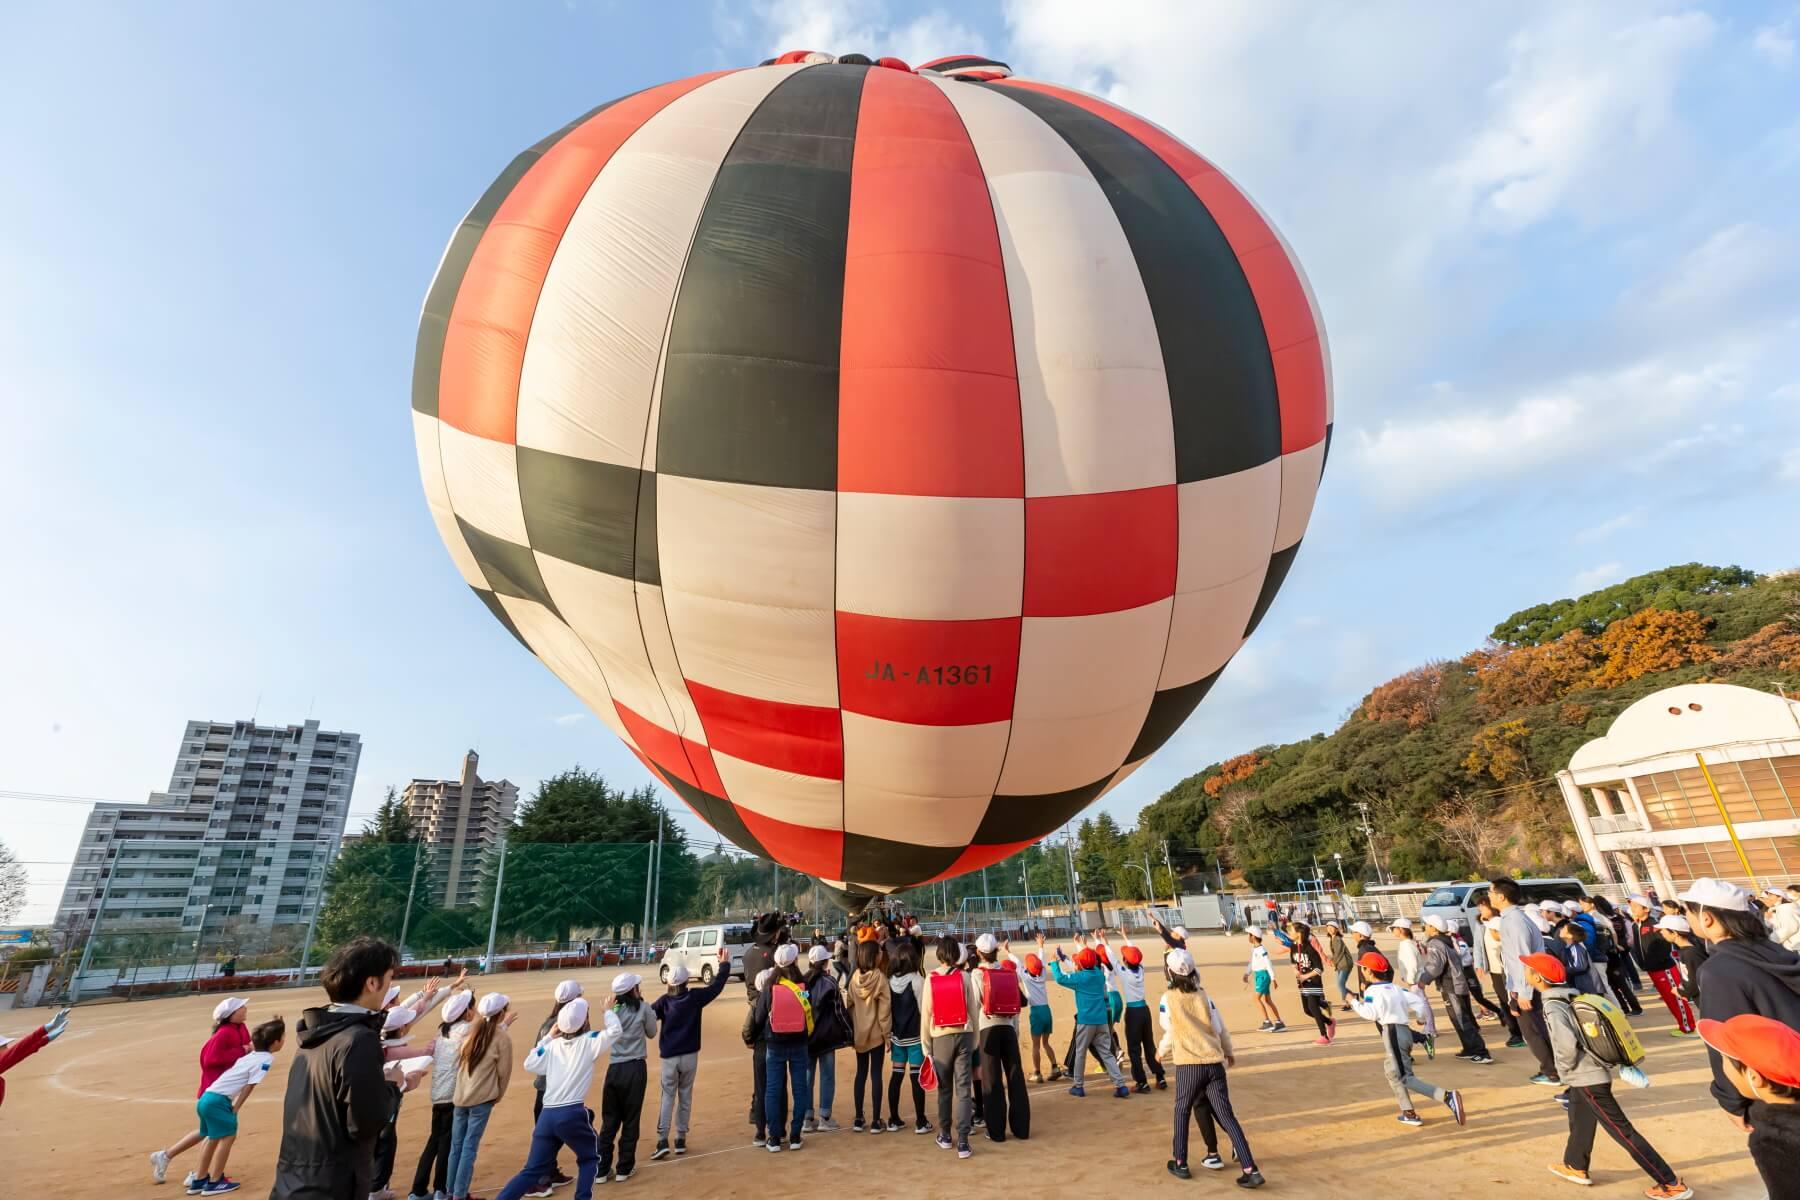 熱気球のカゴが浮き上がりそうになる瞬間